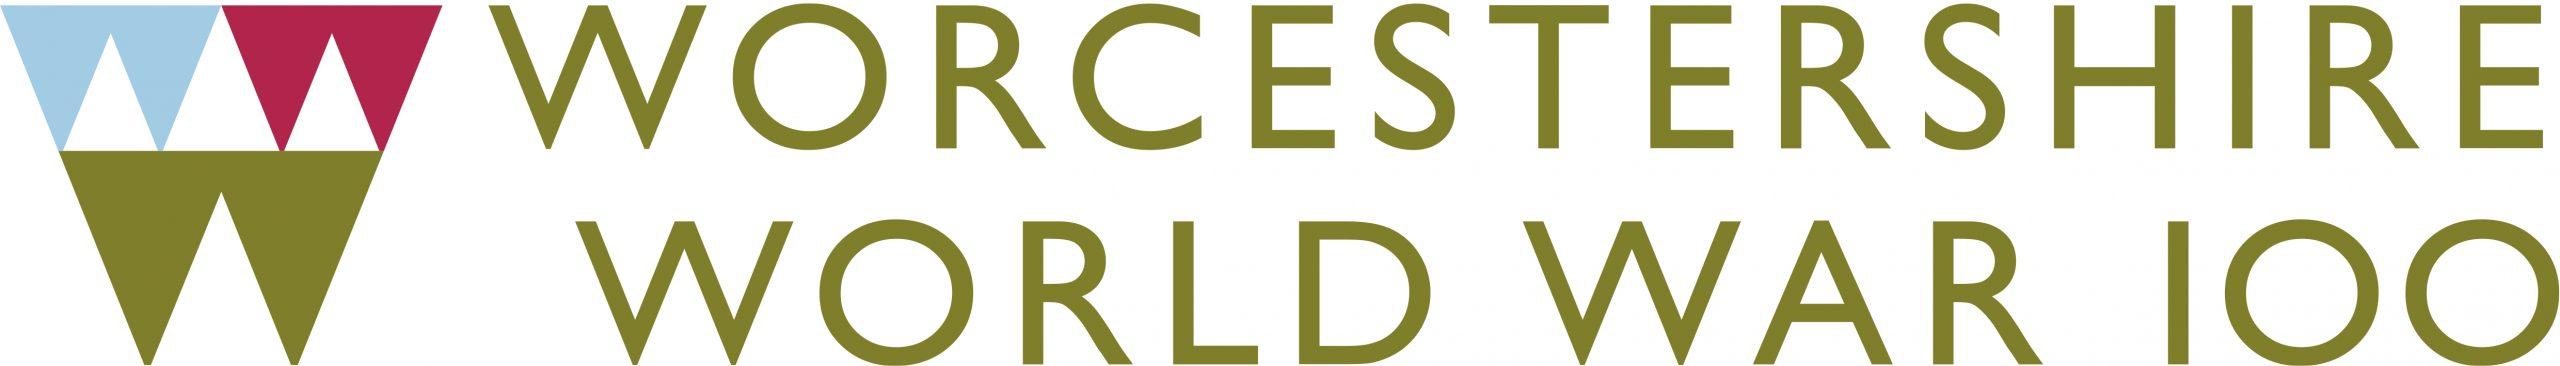 Worcestershire World War 100 logo